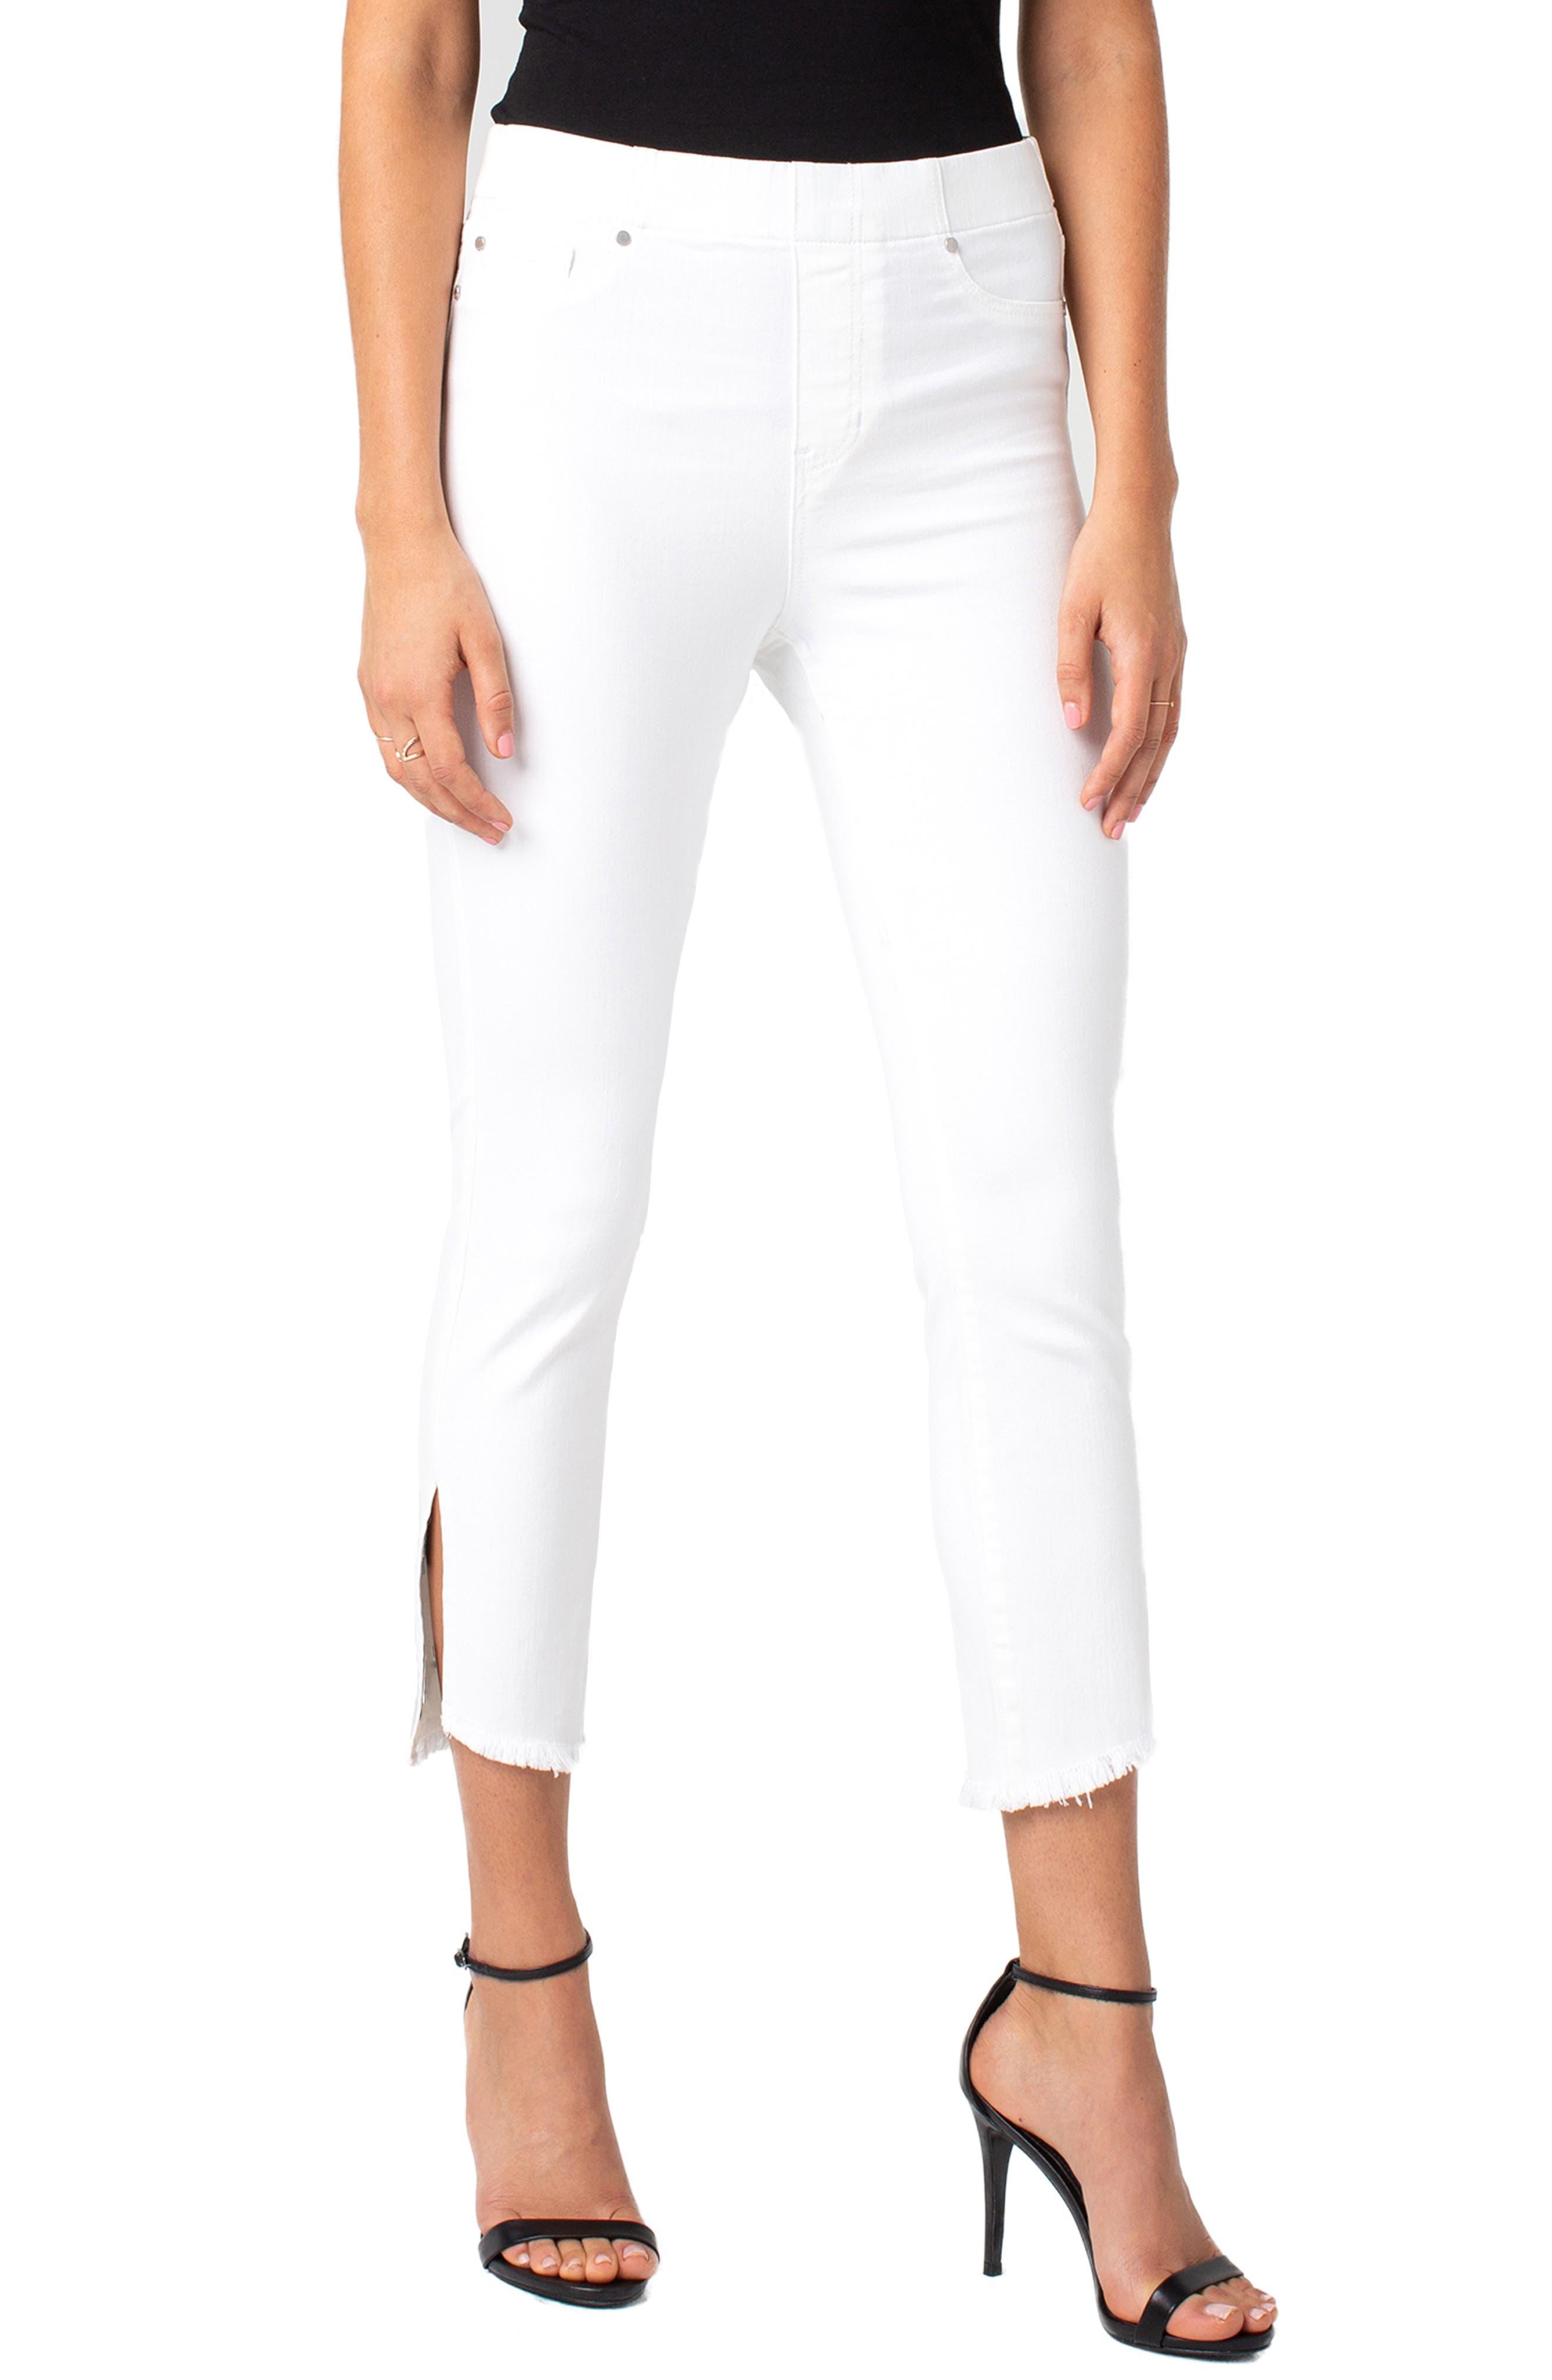 Chloe High Waist Slit Hem Pull-On Skinny Jeans,                             Main thumbnail 1, color,                             BRIGHT WHITE